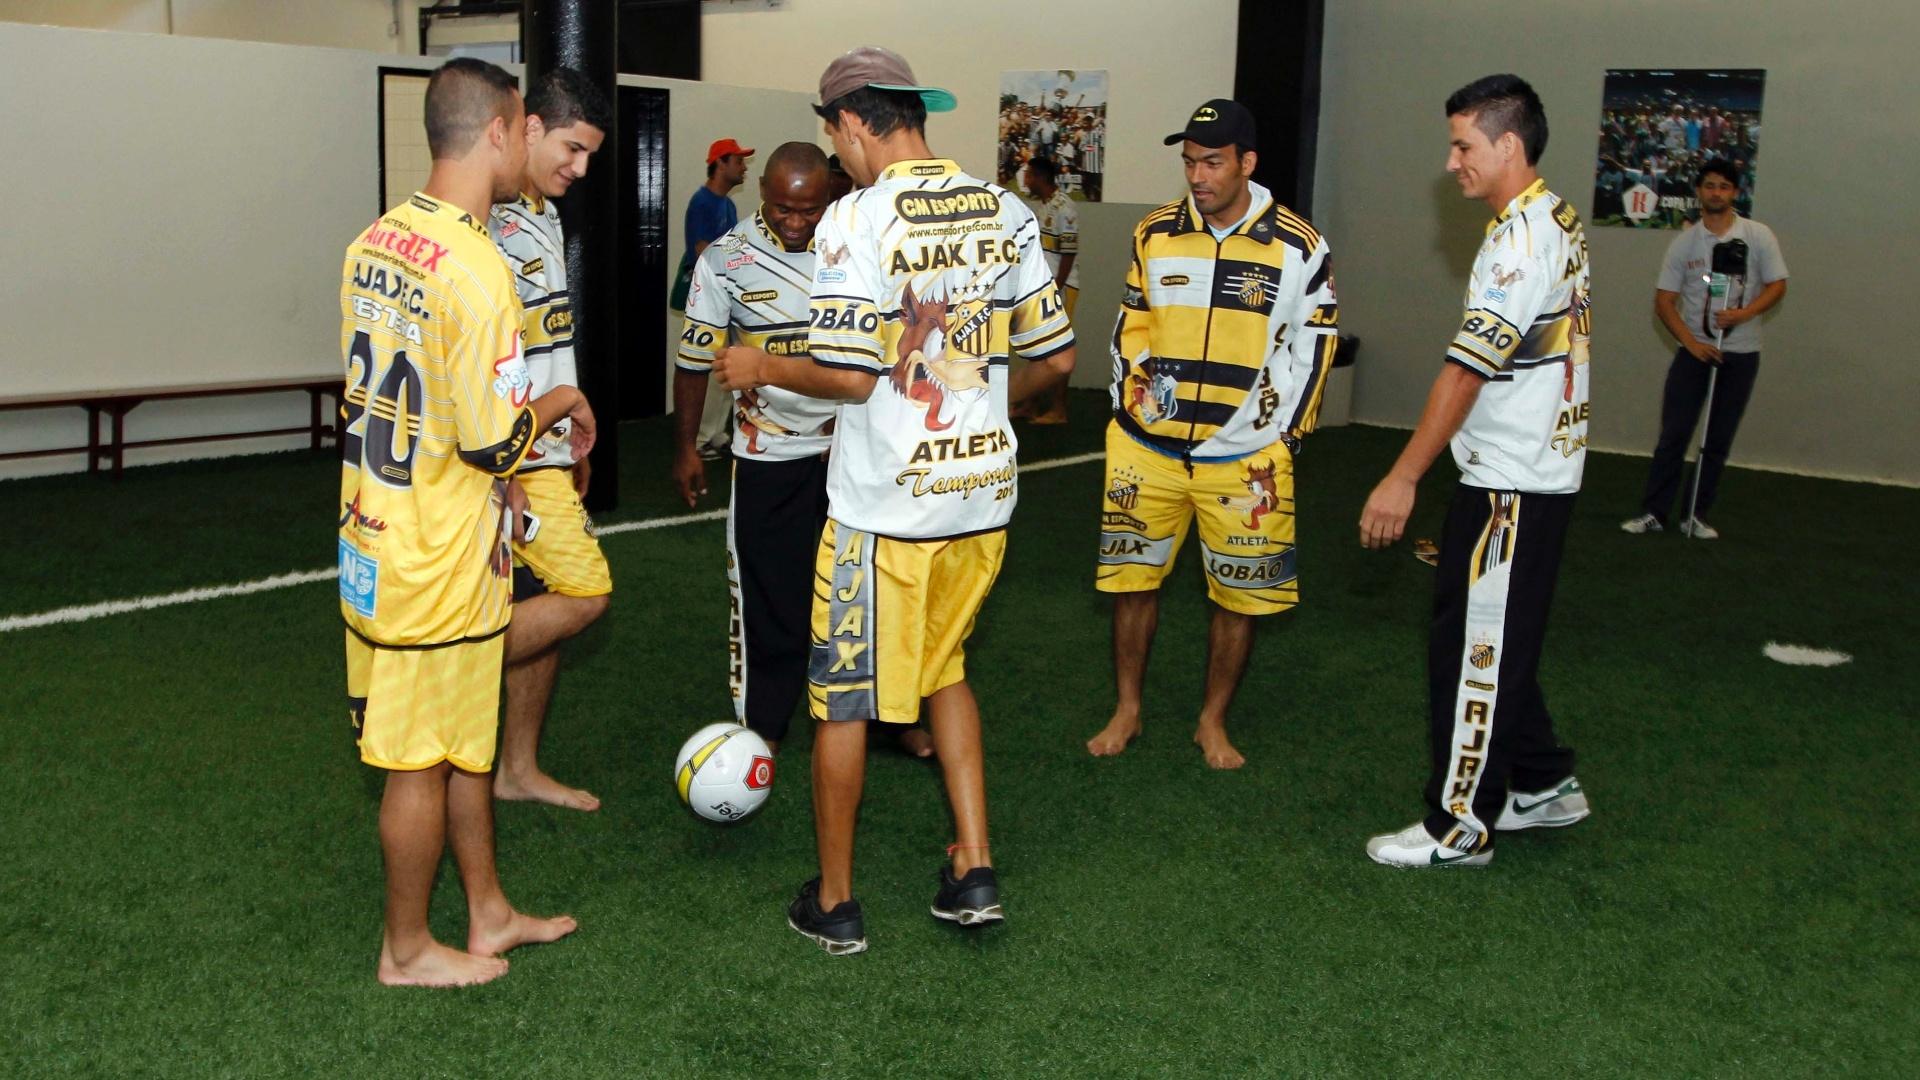 O Ajax (amarelo), da Vila Rica, venceu a Turma do Baffô por 2 a 1 na final da Copa Kaiser, no Pacaembu